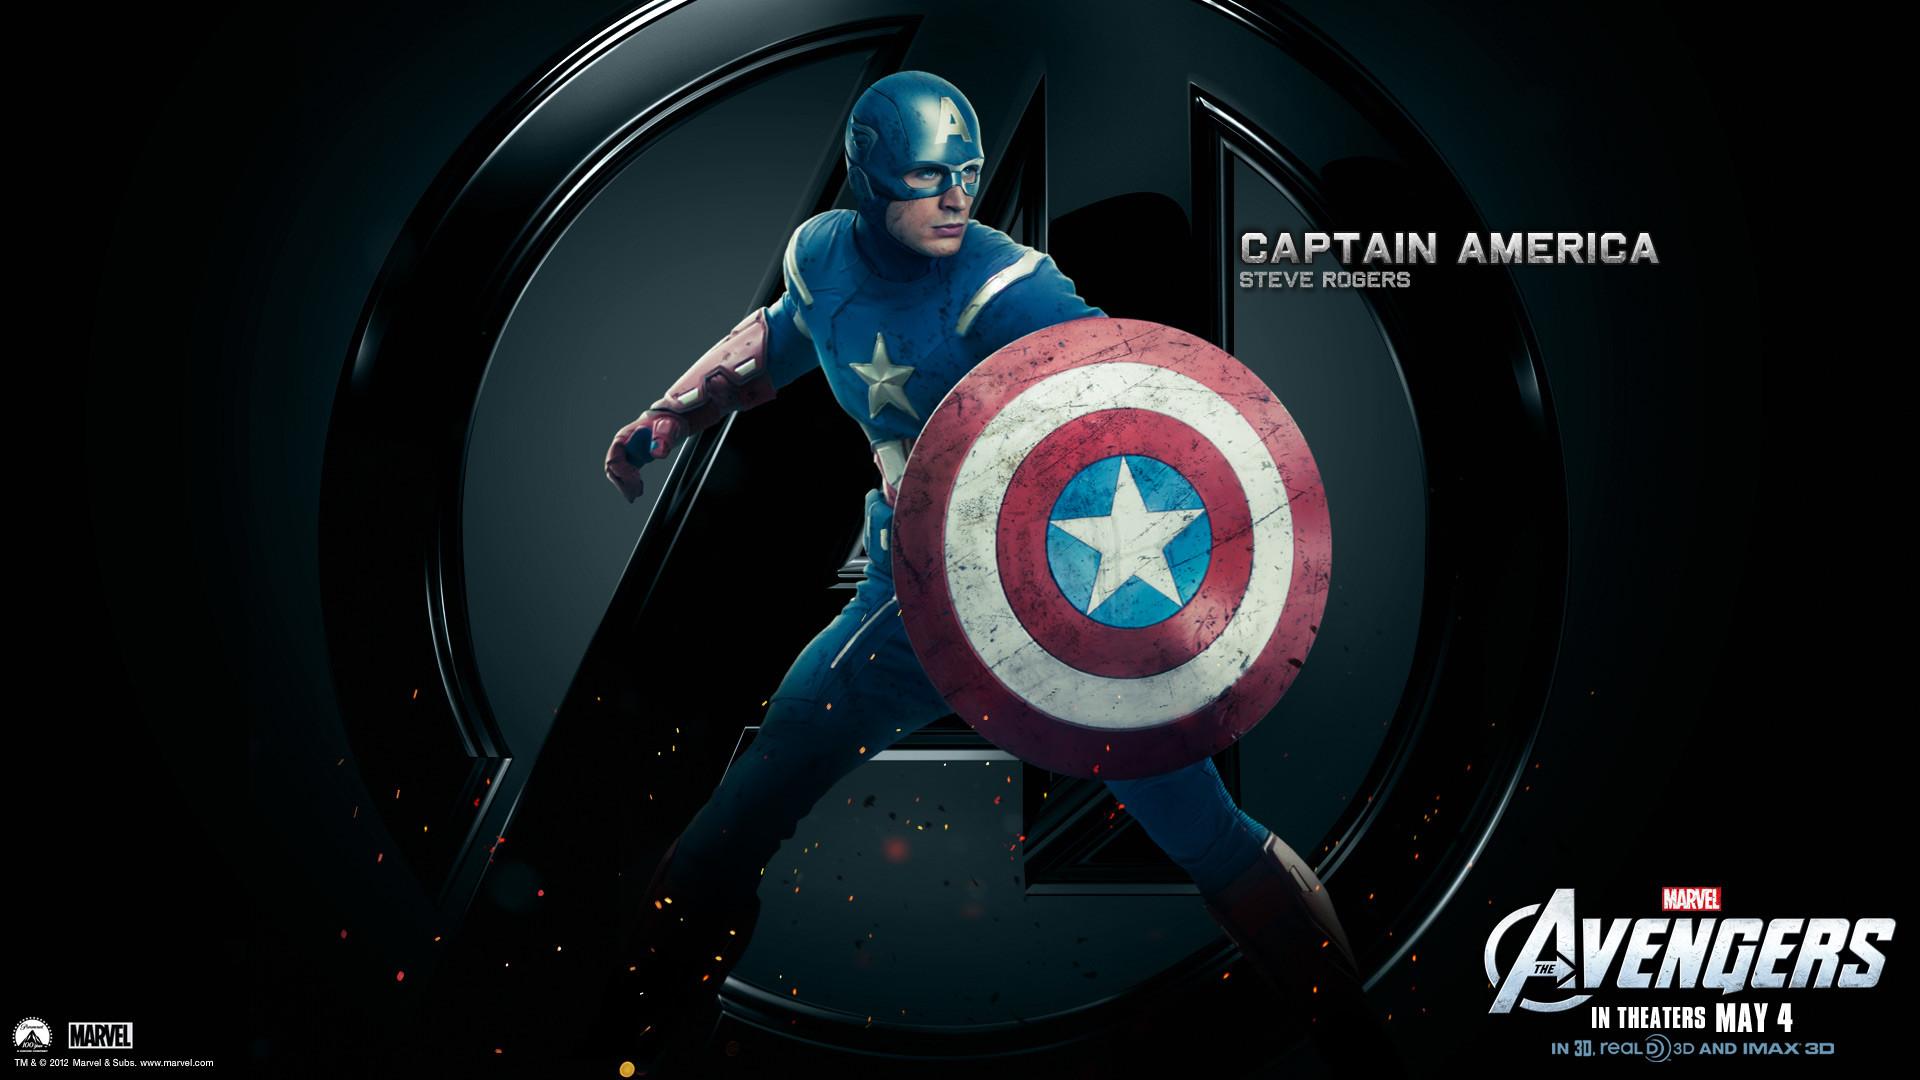 Marvel-The-Avengers-Movie-2012-HD-Wallpaper-Captain-